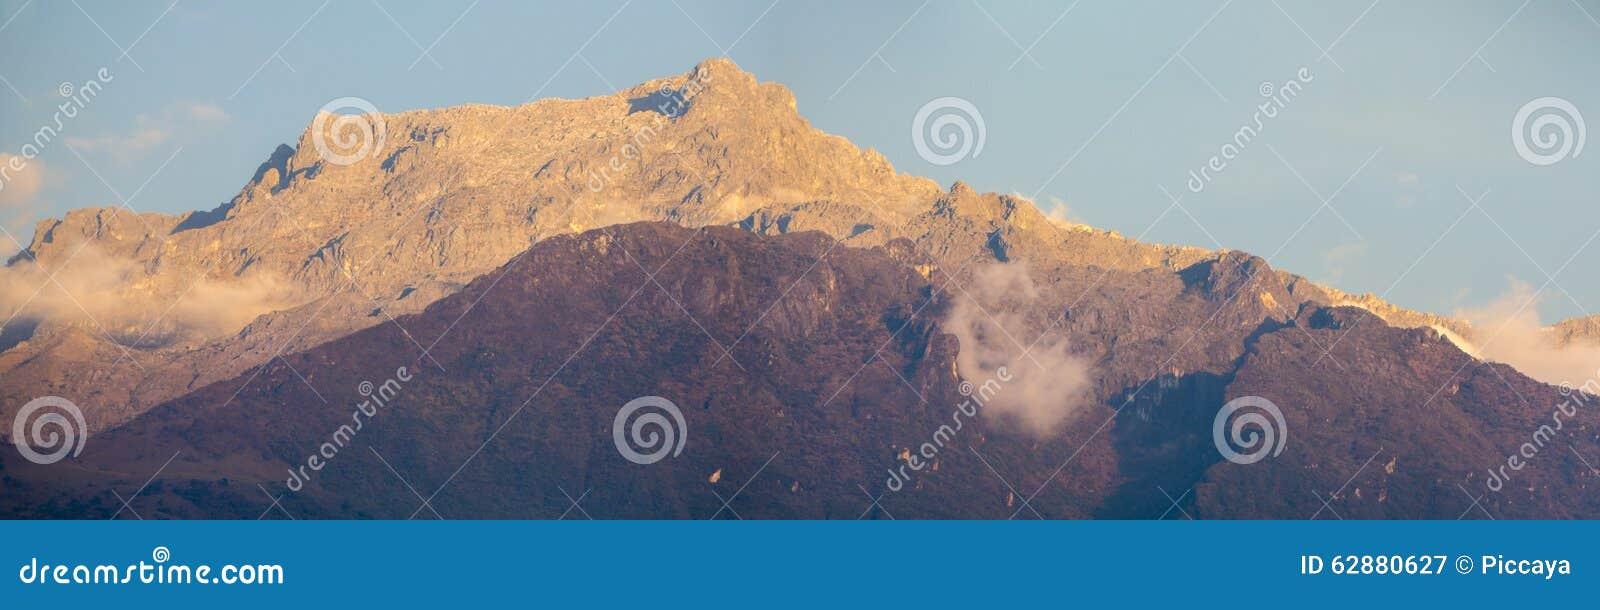 Landschaft Der Berge In Merida Venezuela Stockbild Bild Von Nave